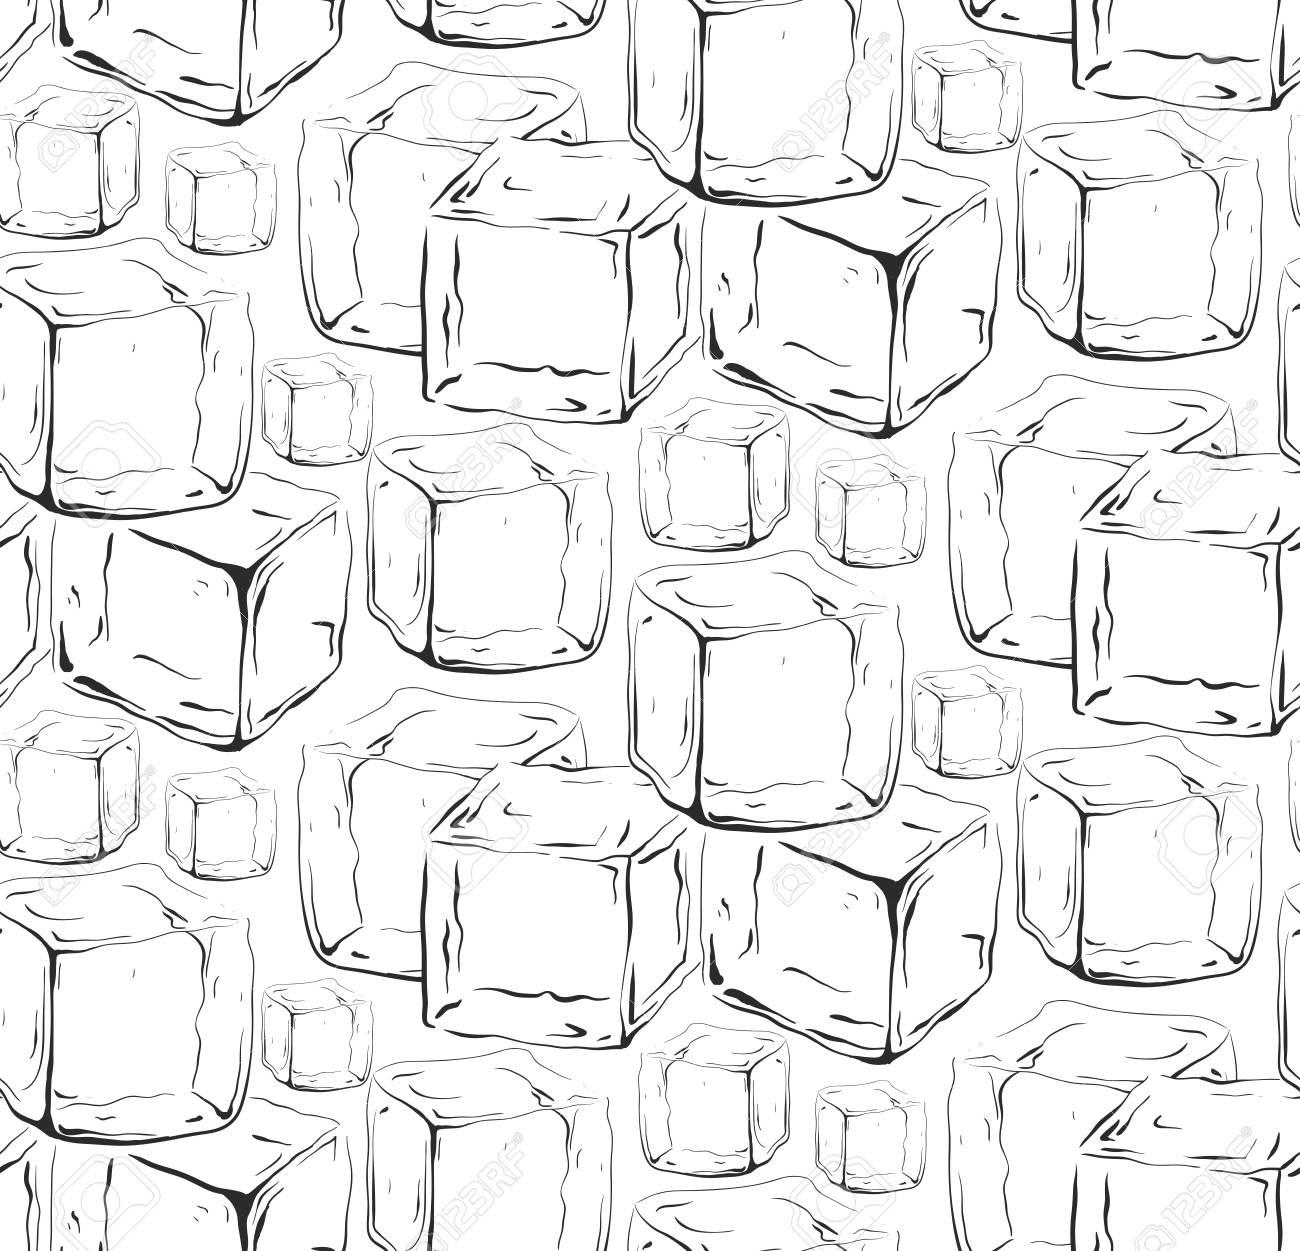 Texture transparente noir et blanc avec des glaçons dessinés à la main.  Modèle vectoriel pour votre créativité.